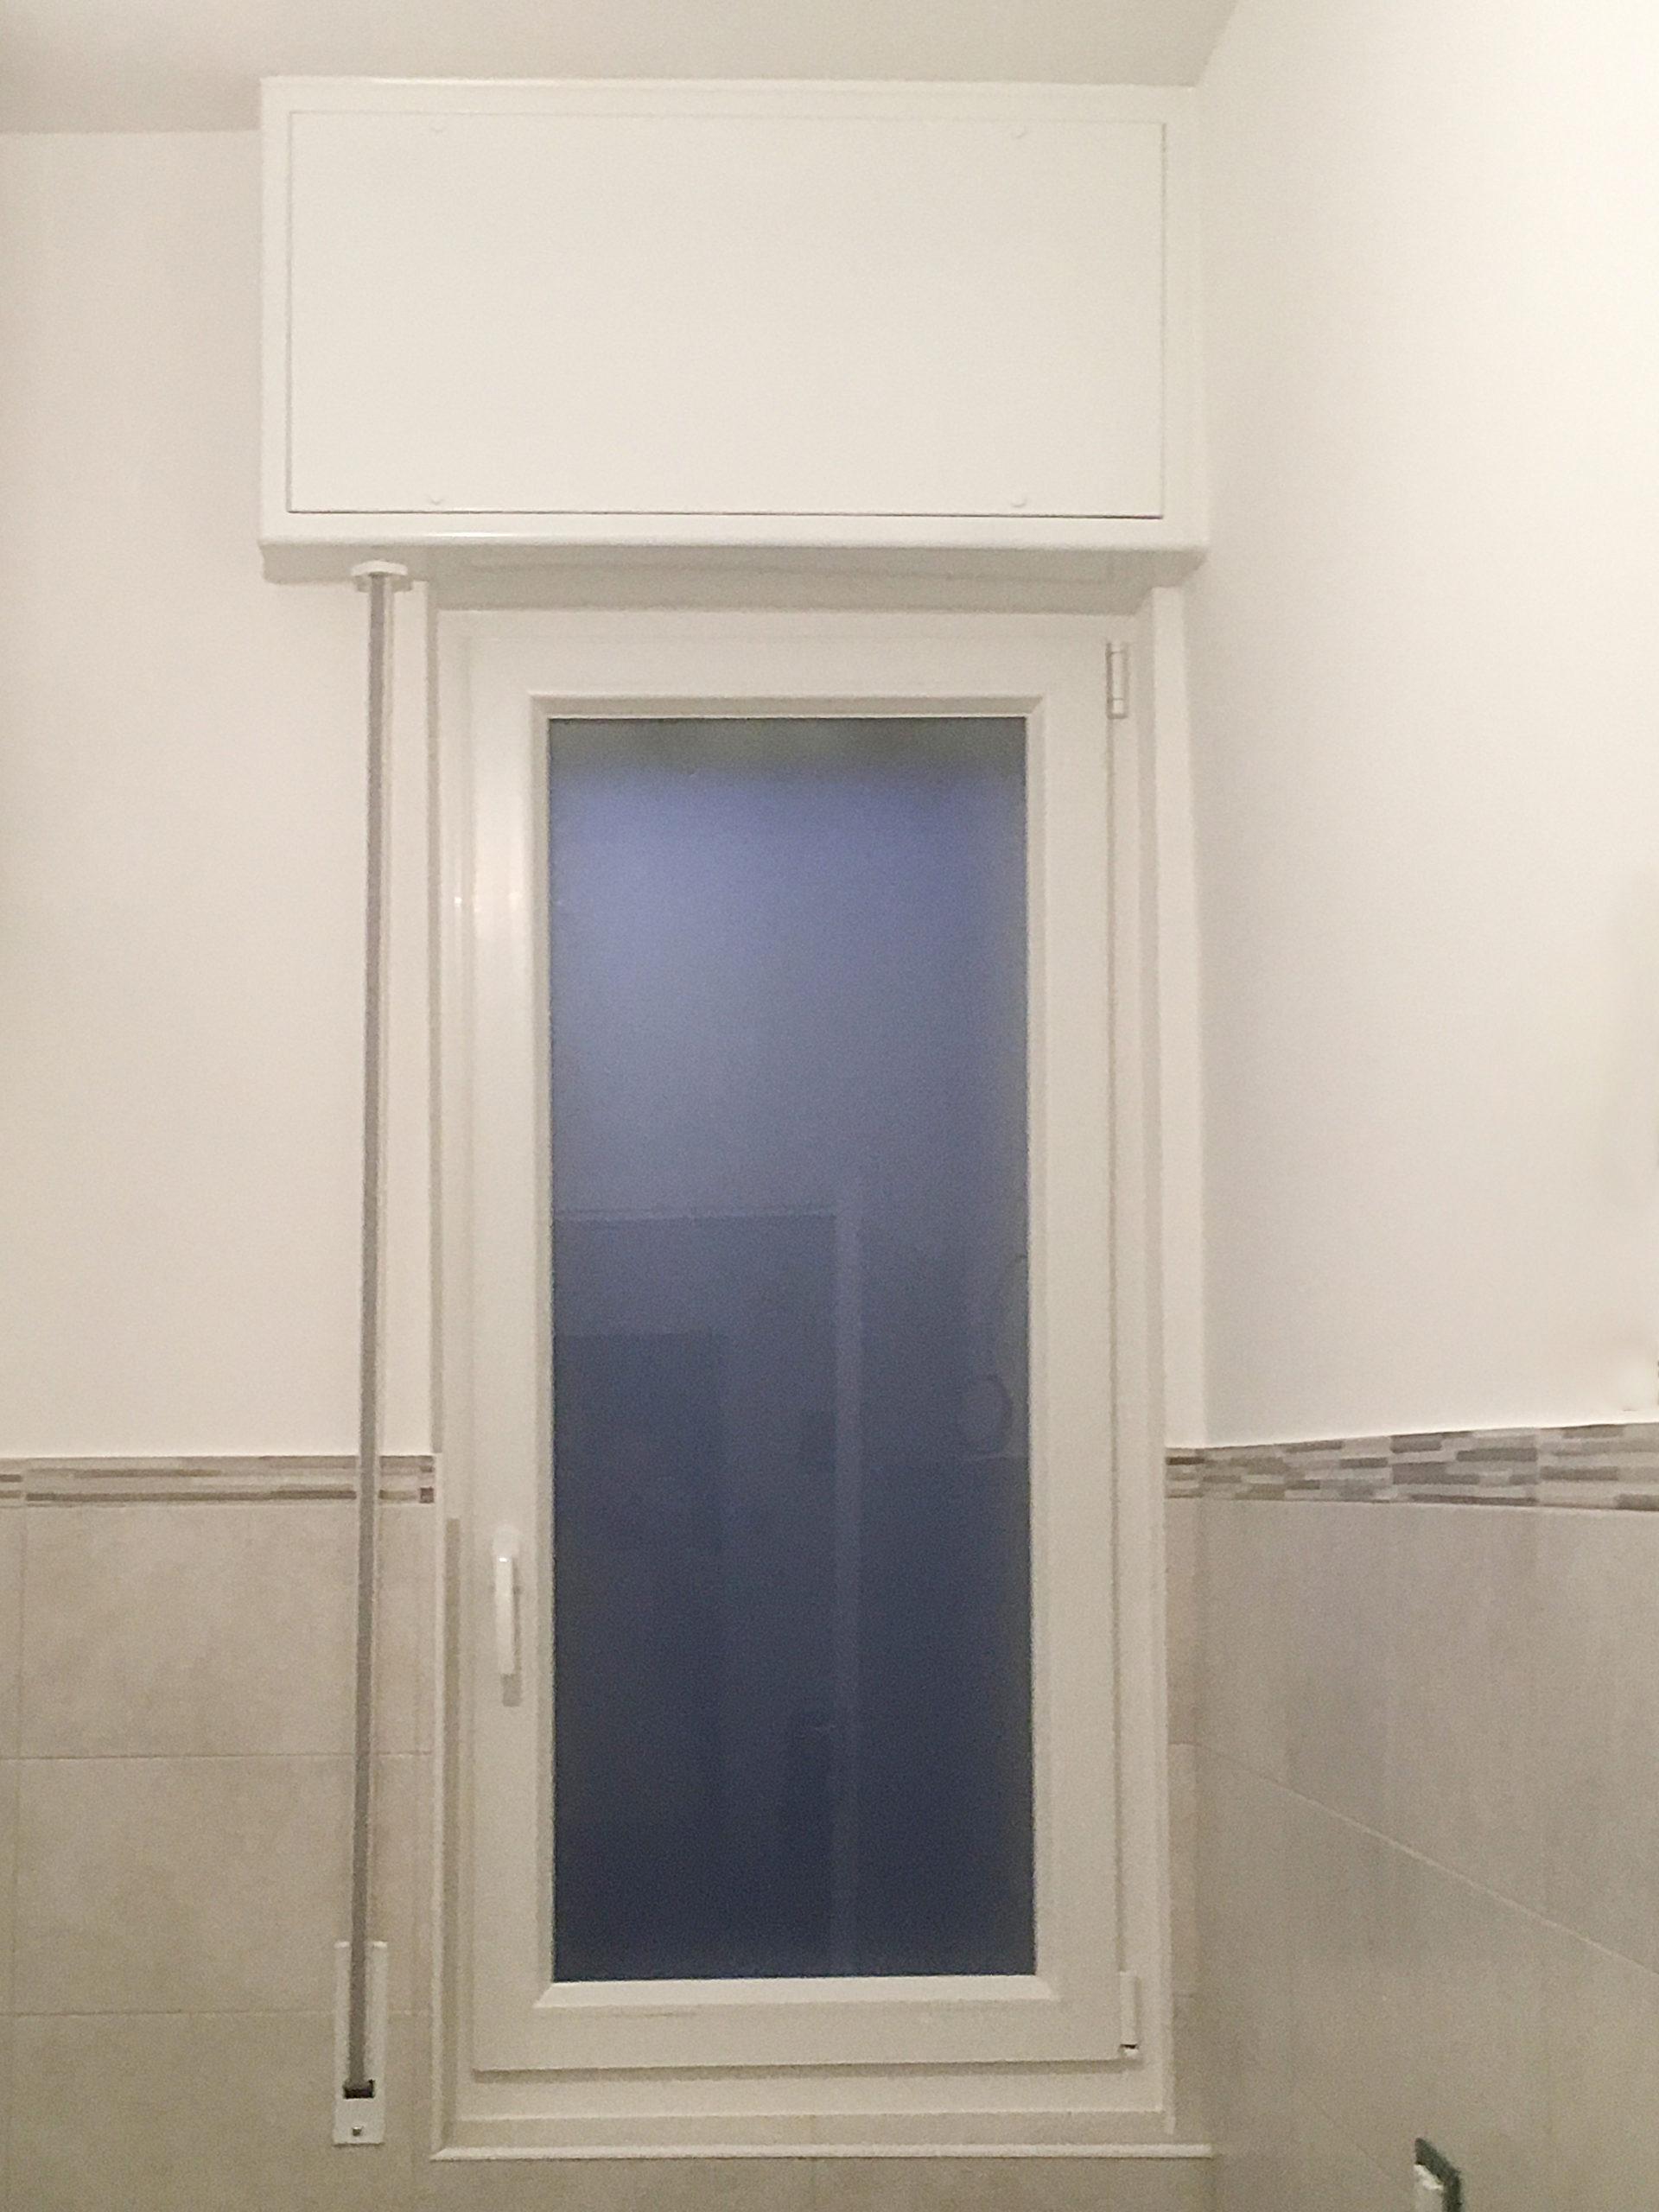 SERRAMENTO IN PVC SCHULZ